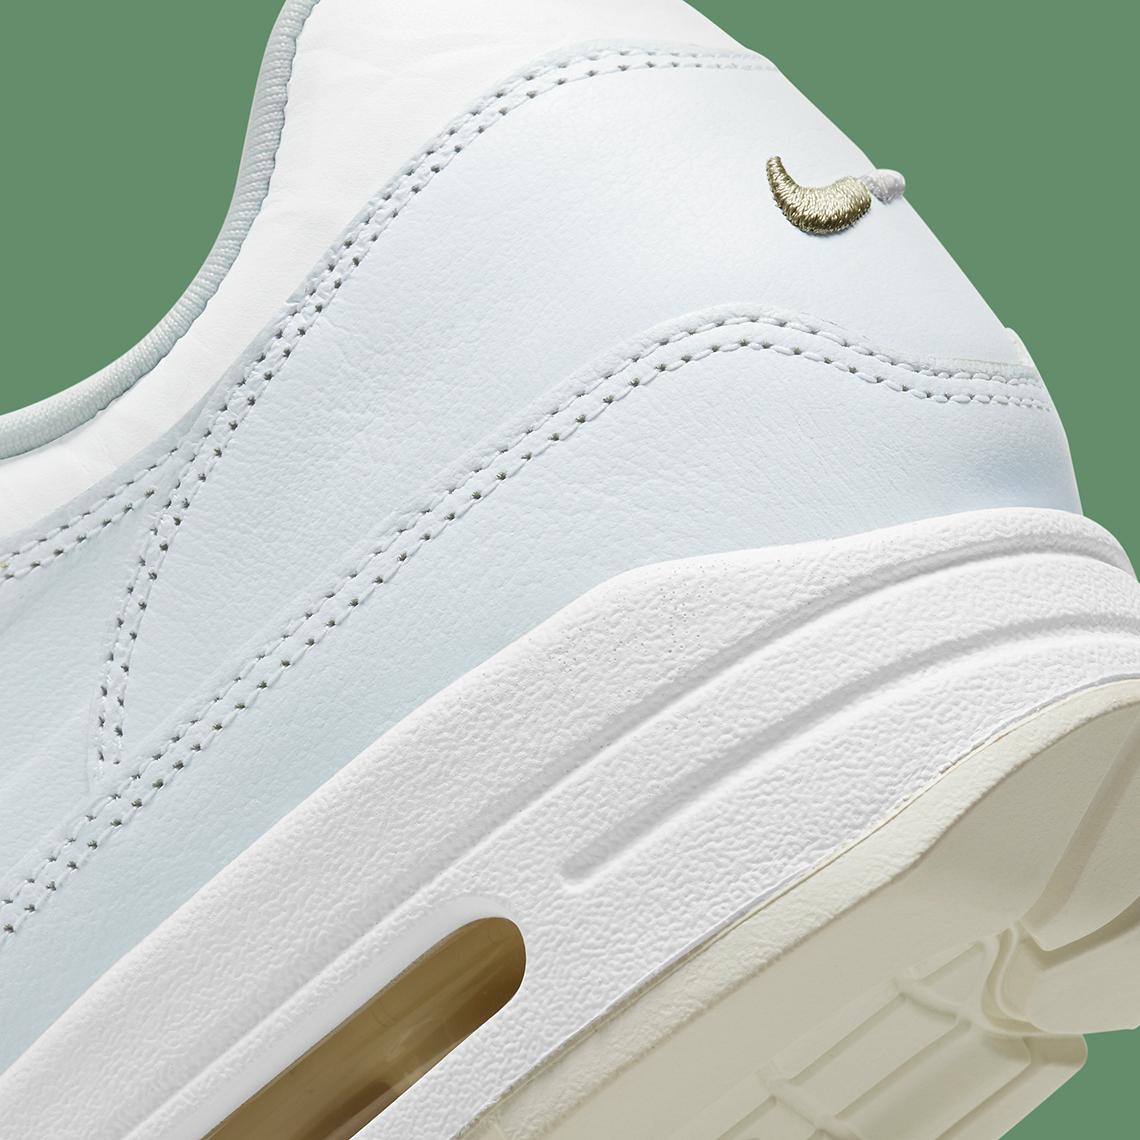 Nike Air Max 1 ''Aspargus'' - DH5493-100